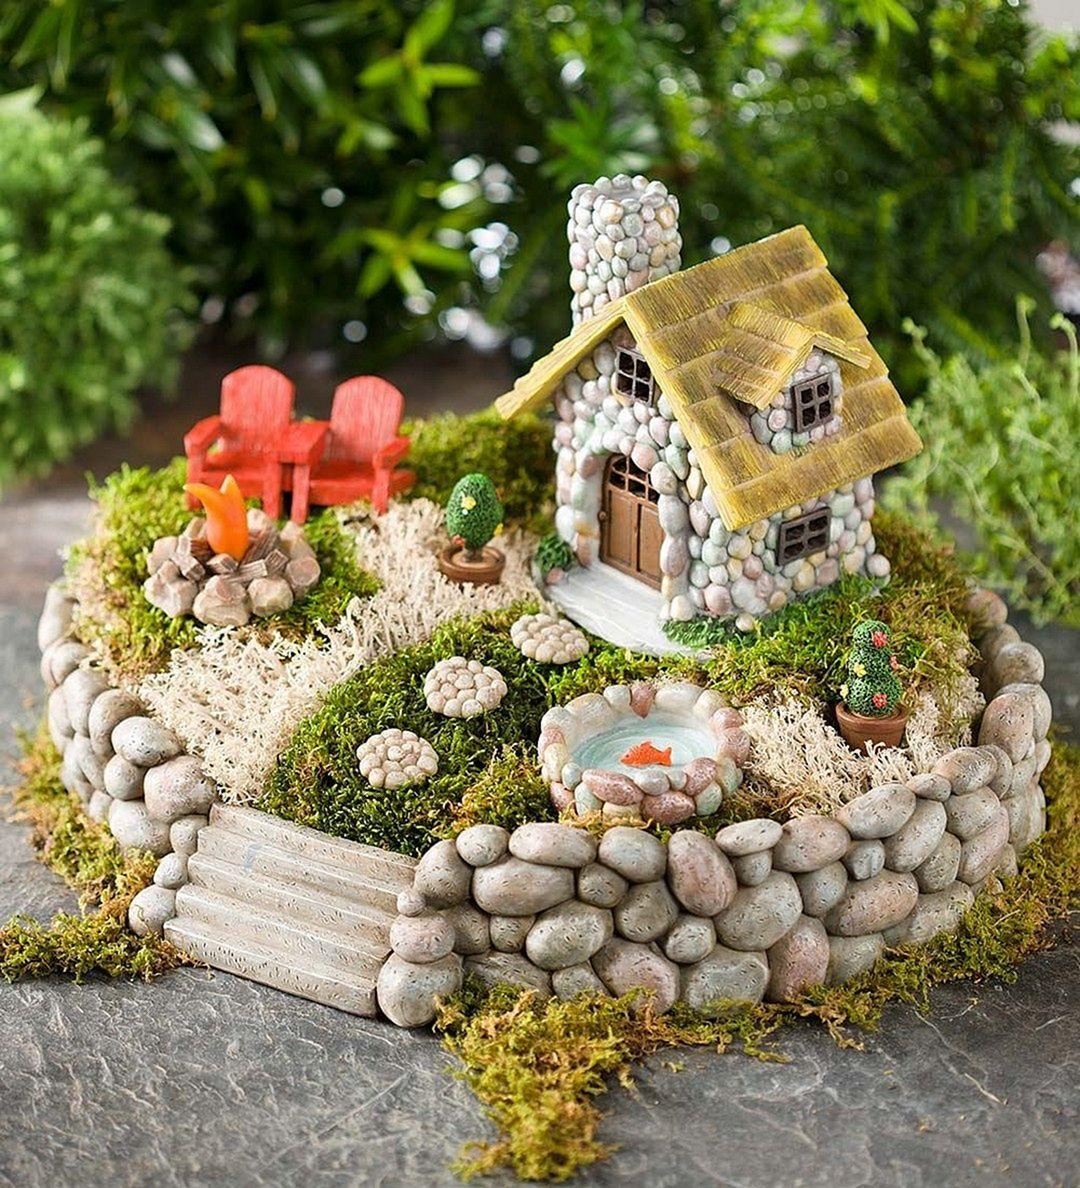 18 Best Diy Fairy Garden Ideas For Easy And Cheap Your Backyard Design Home Diy Ideas Fairy Garden Decor Fairy Garden Diy Indoor Fairy Gardens